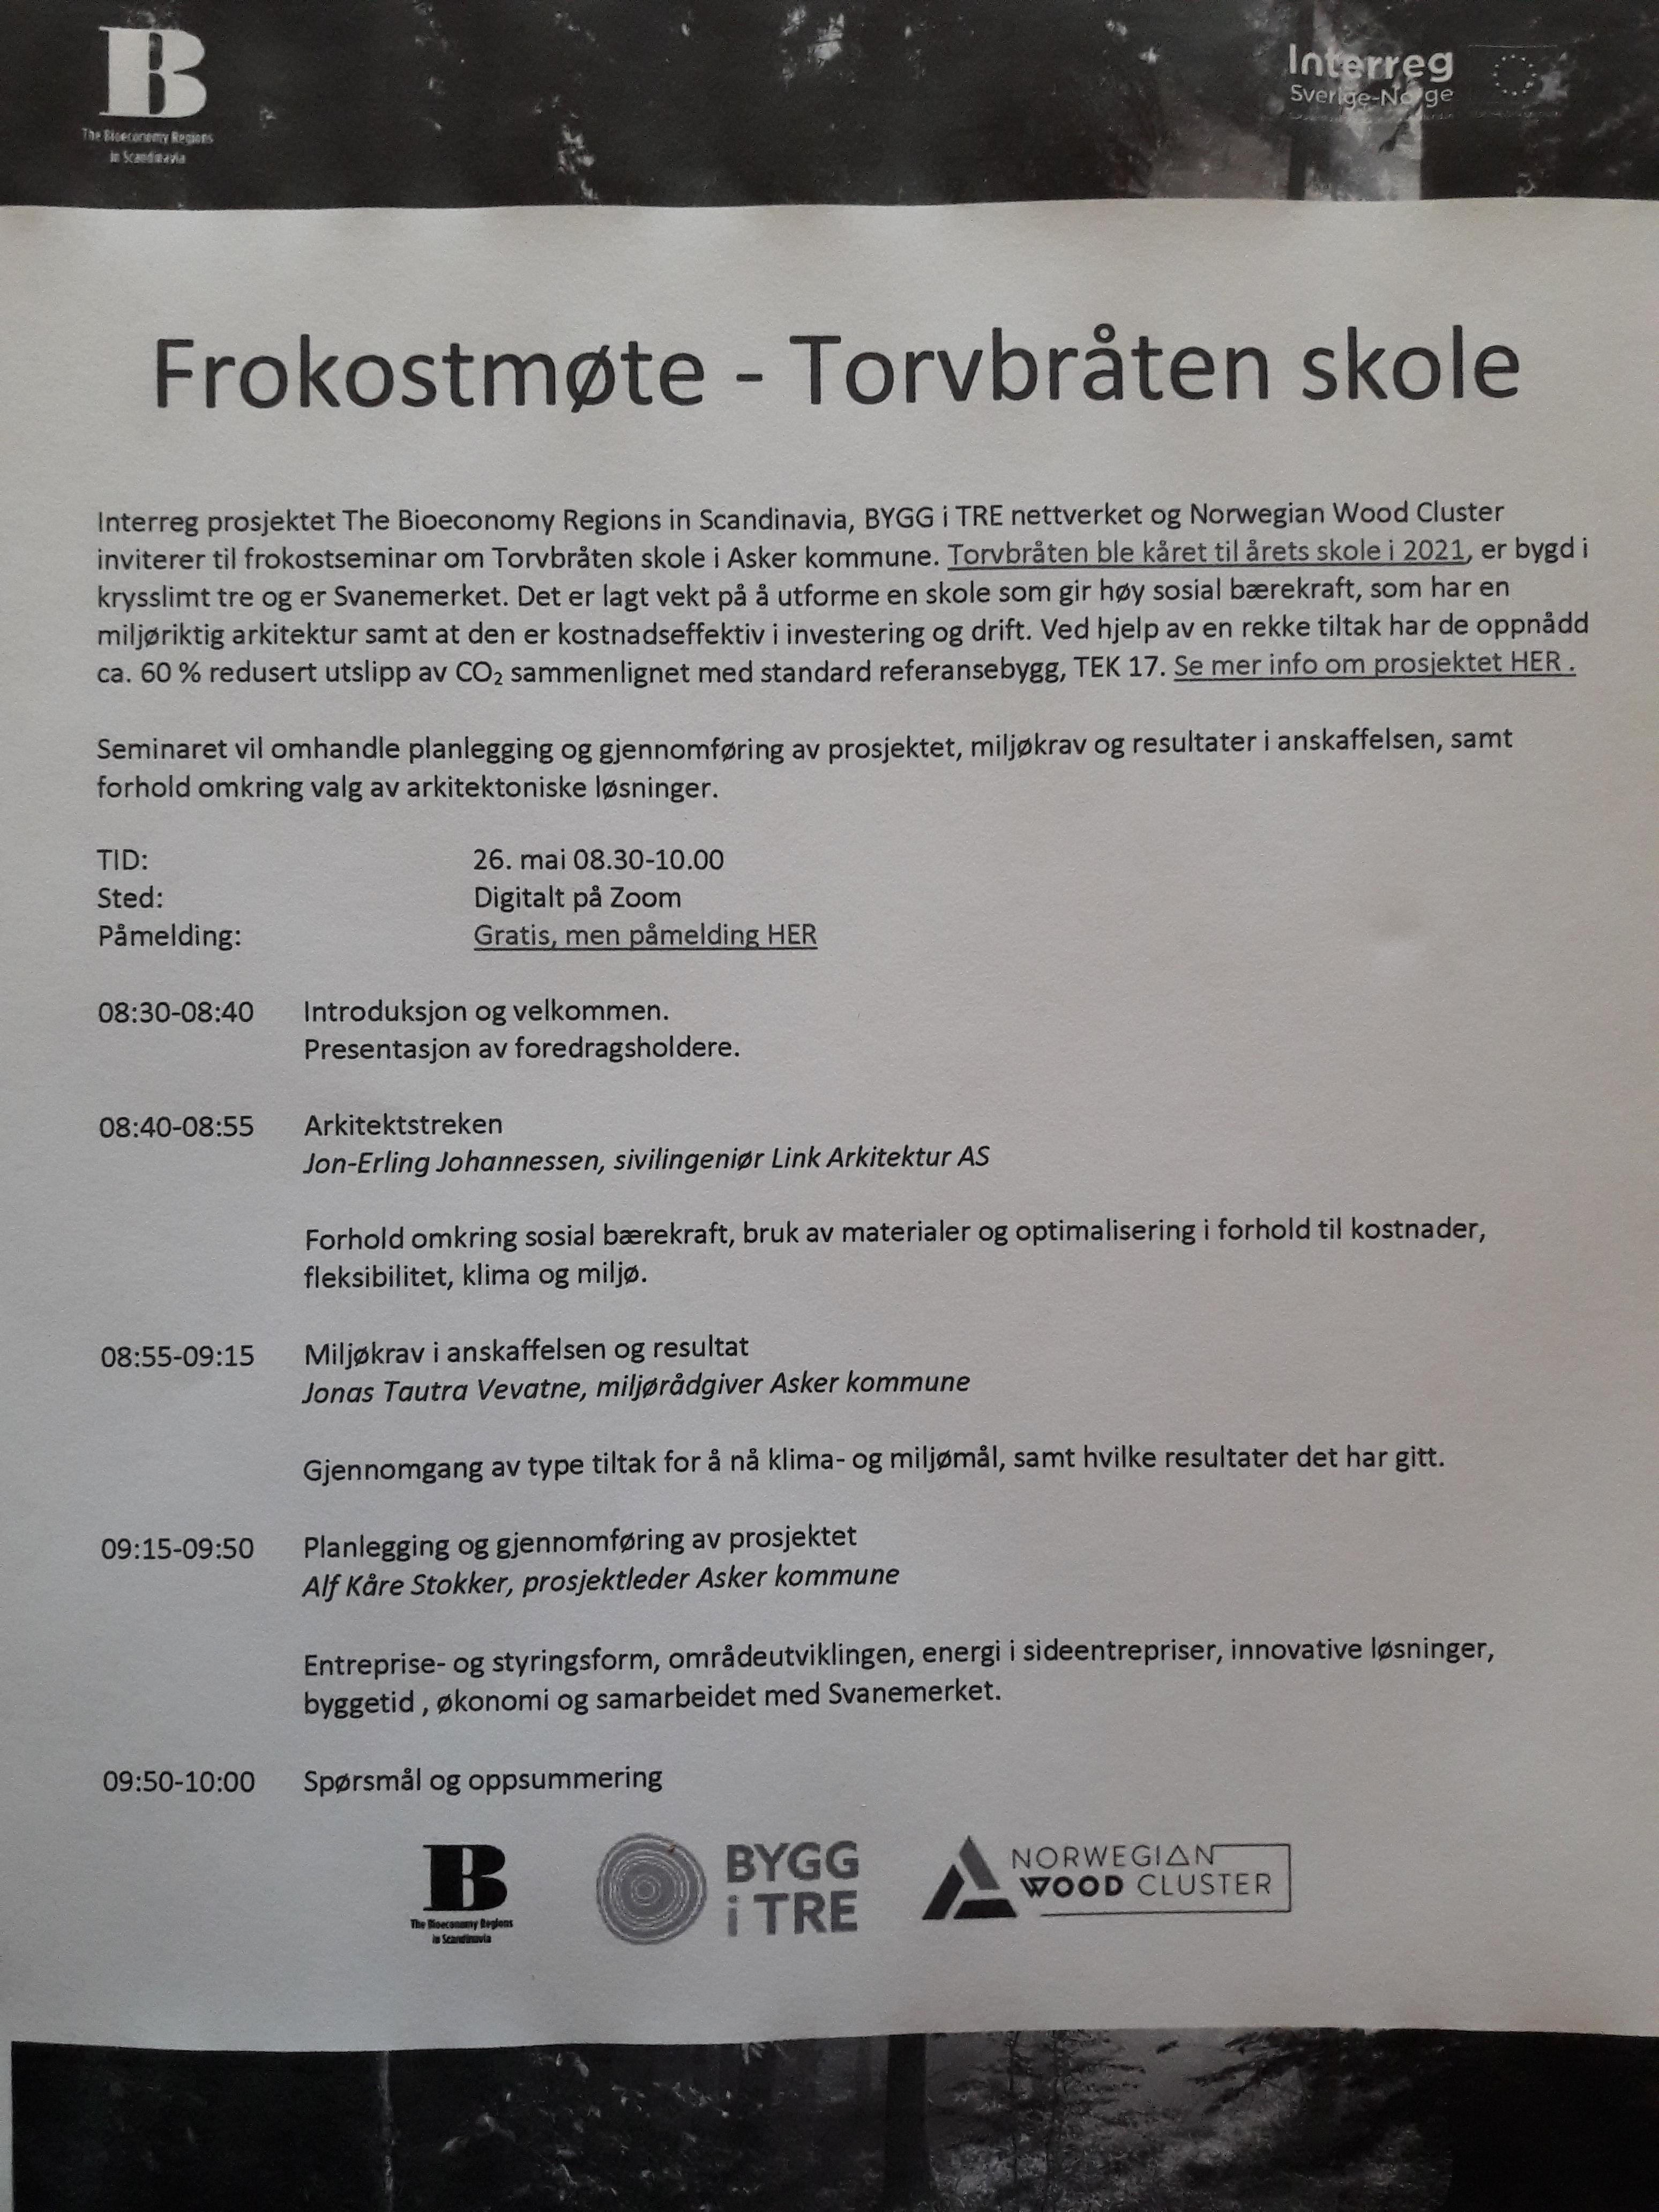 Frokostwebinar Torvbråten skole